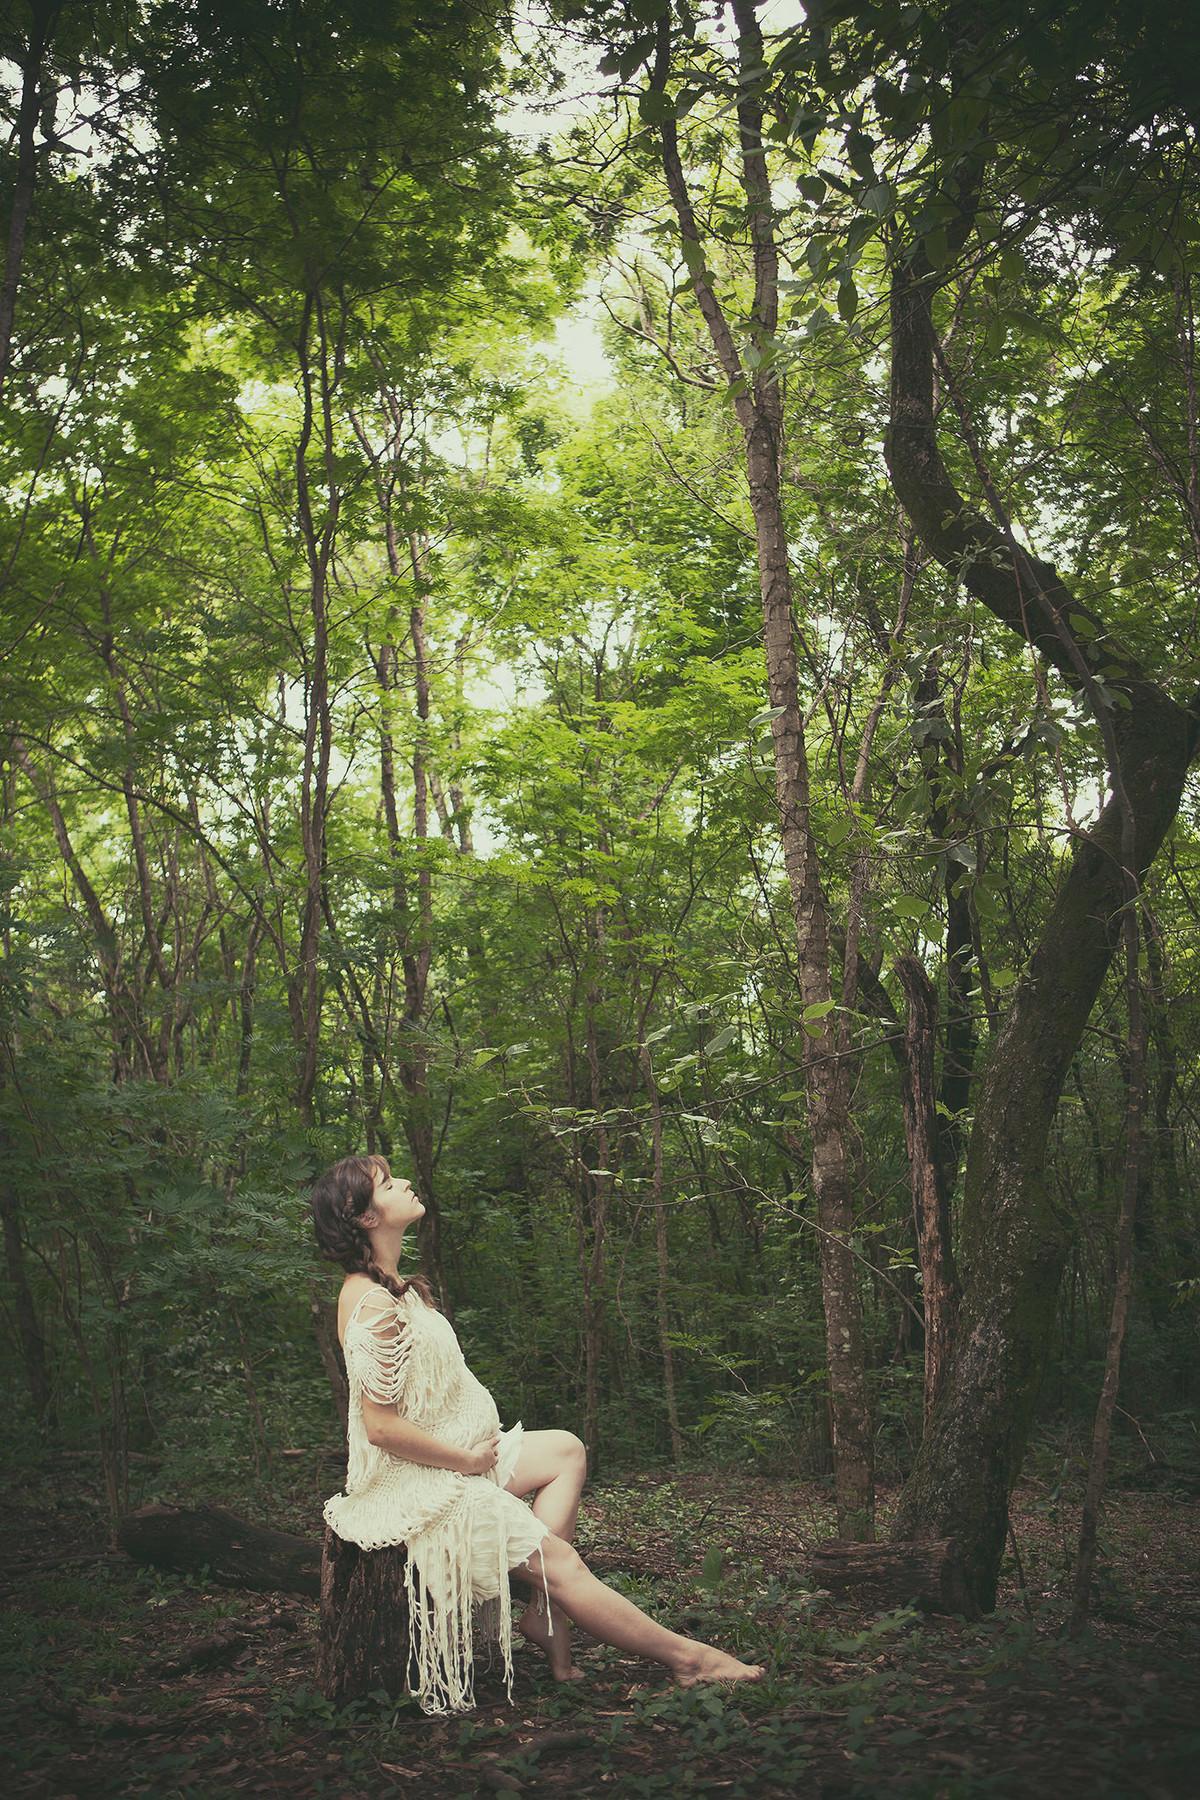 Grávida posando no estilo índia americana contemplando uma floresta em Brasília-DF